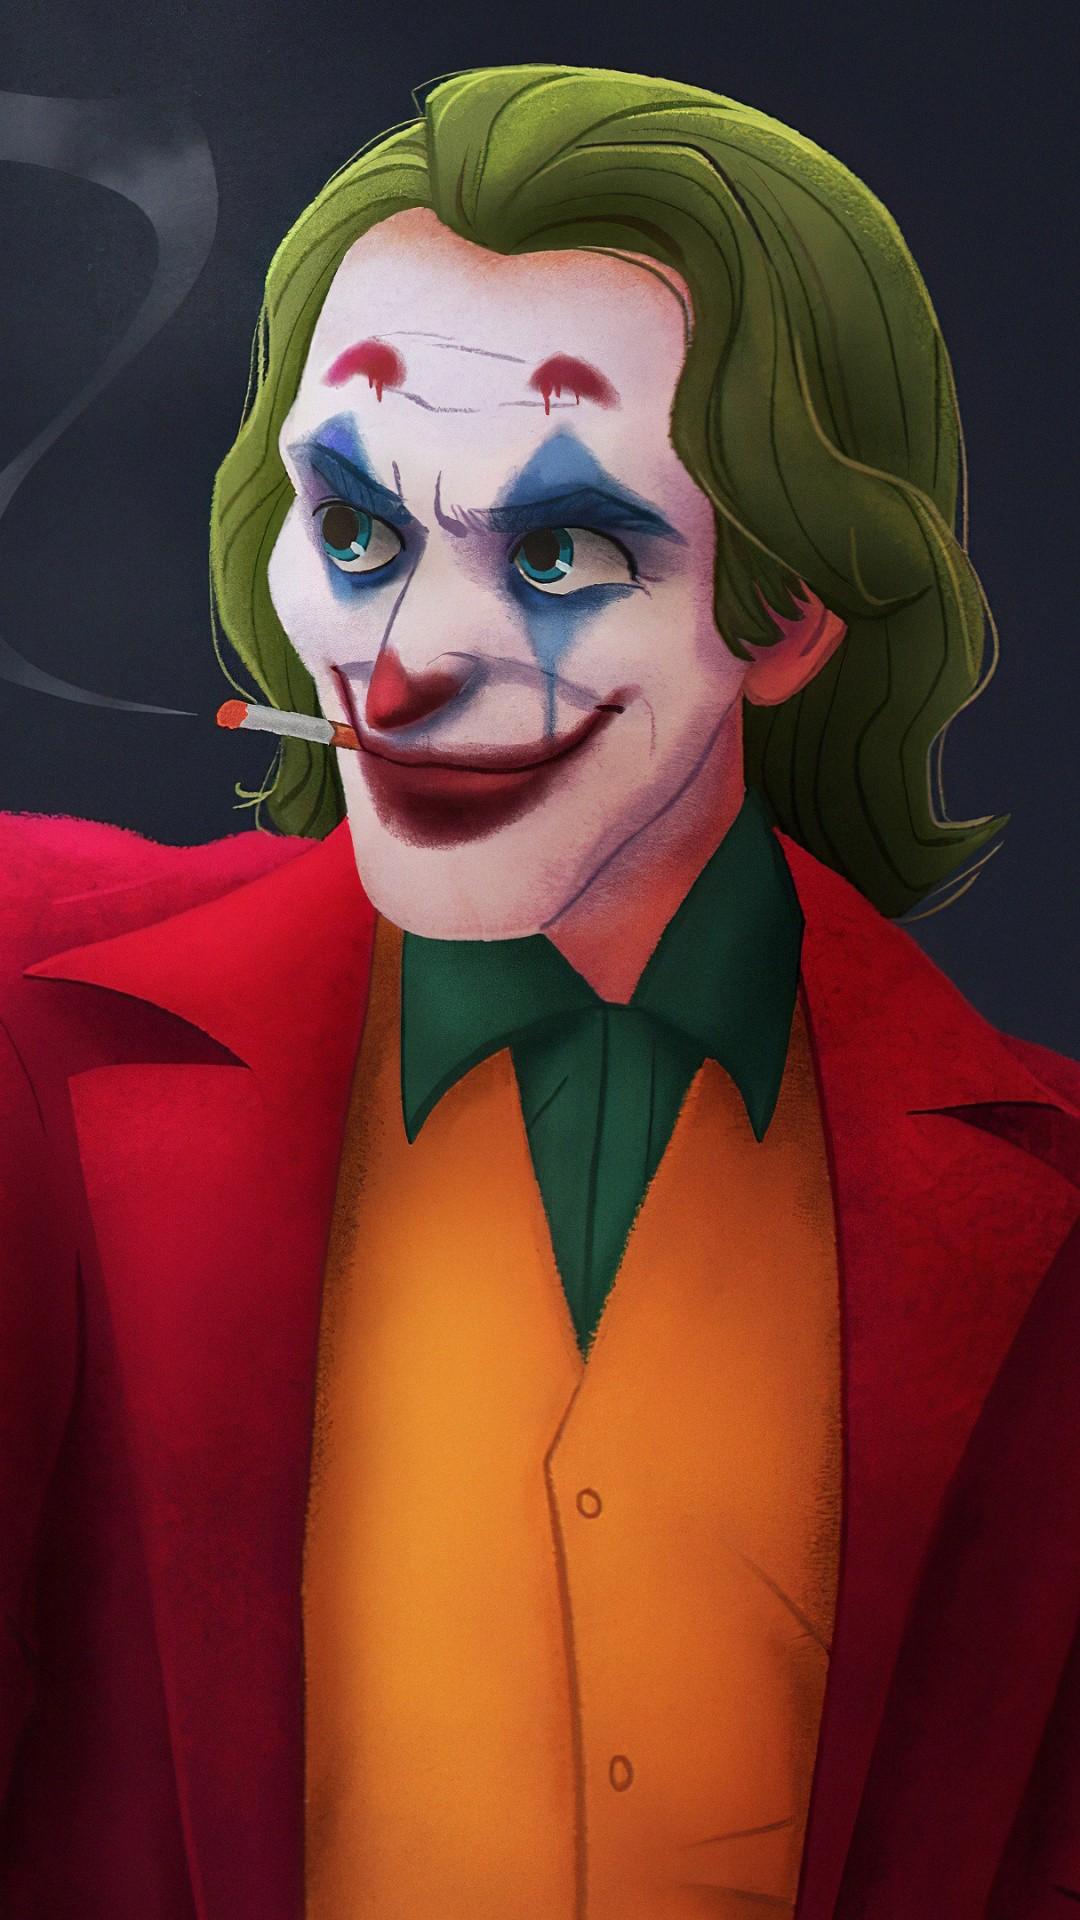 Clown iphone home screen wallpaper